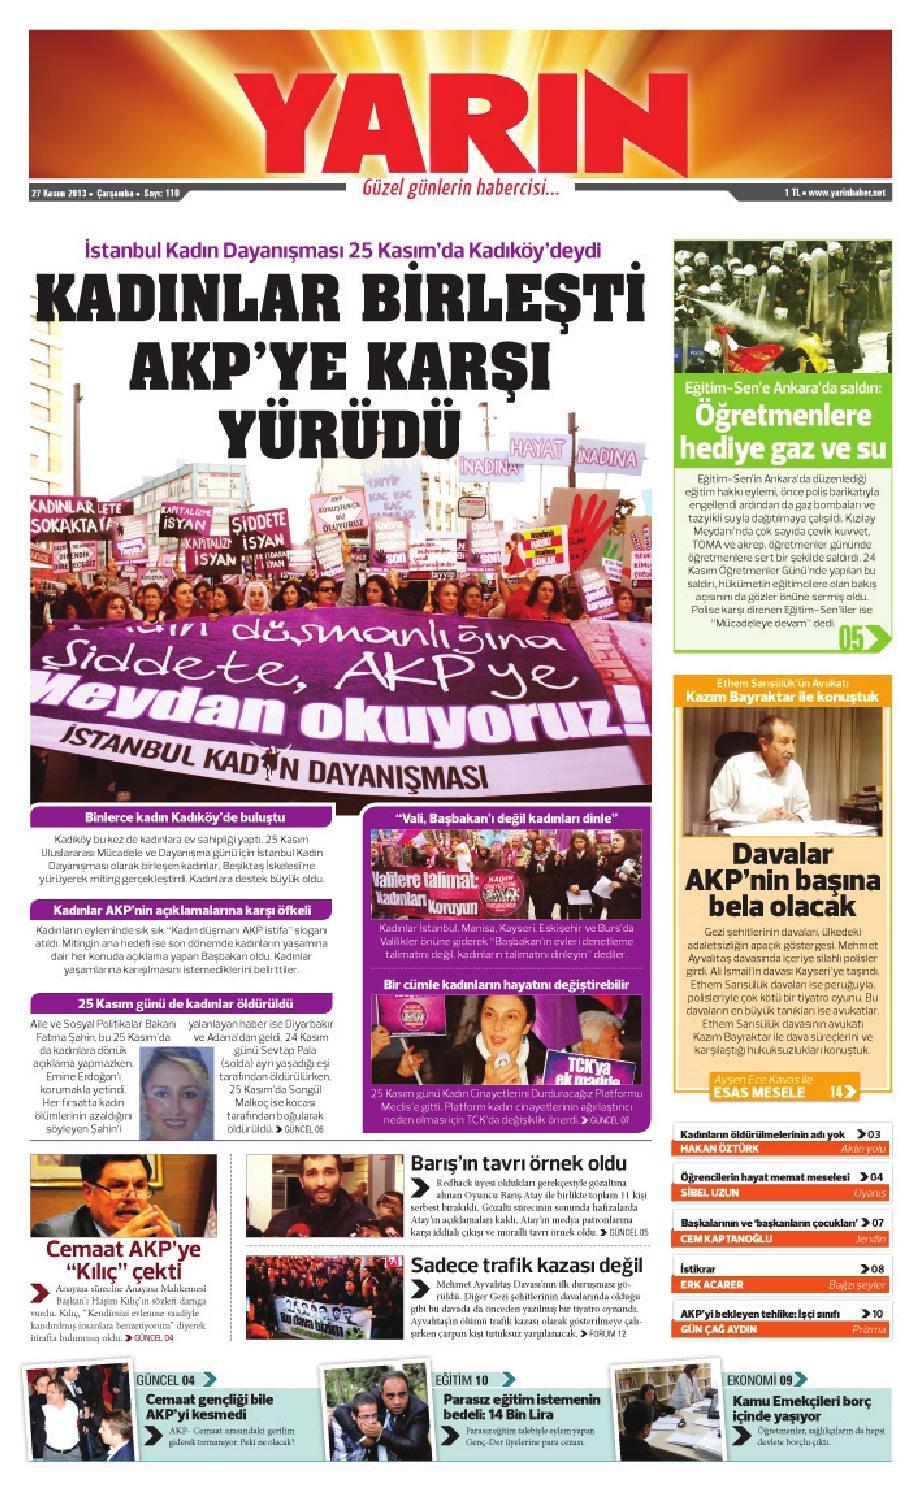 AKPli Şahin: Gün Gelecek AB Bize Muhtaç Olacak 95